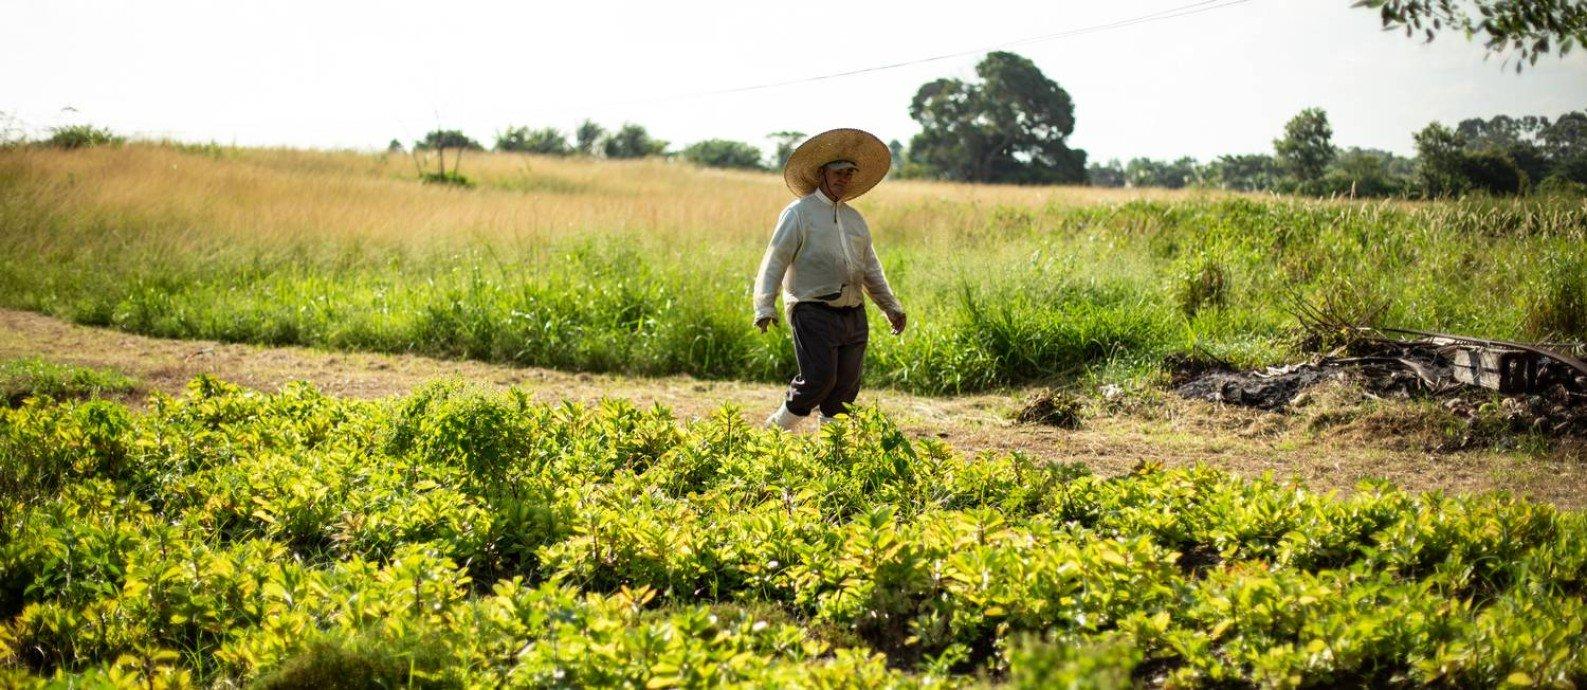 Imagem de um agricultor no campo